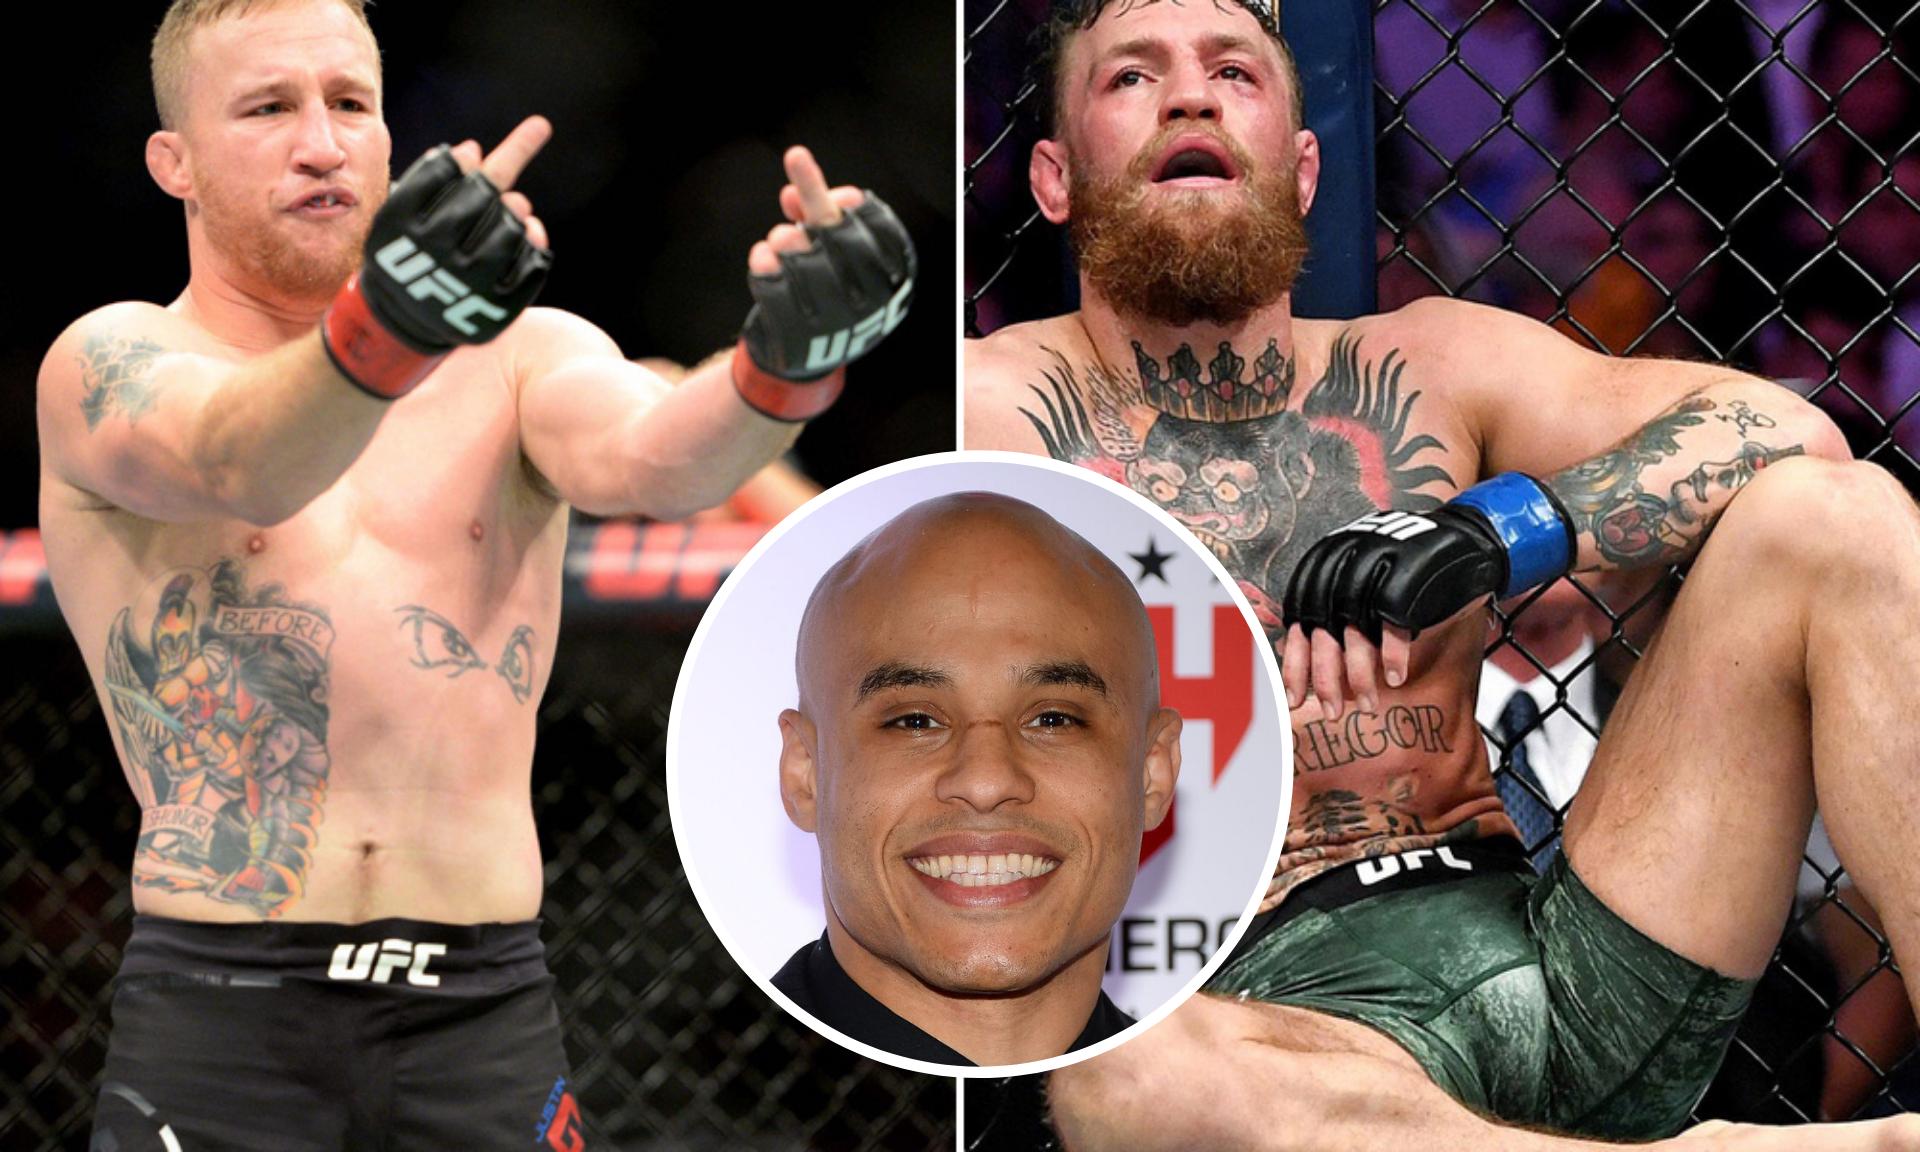 Ali Abdelaziz: Conor McGregor is a quitter; Gaethje will 'beat his a**' - Ali